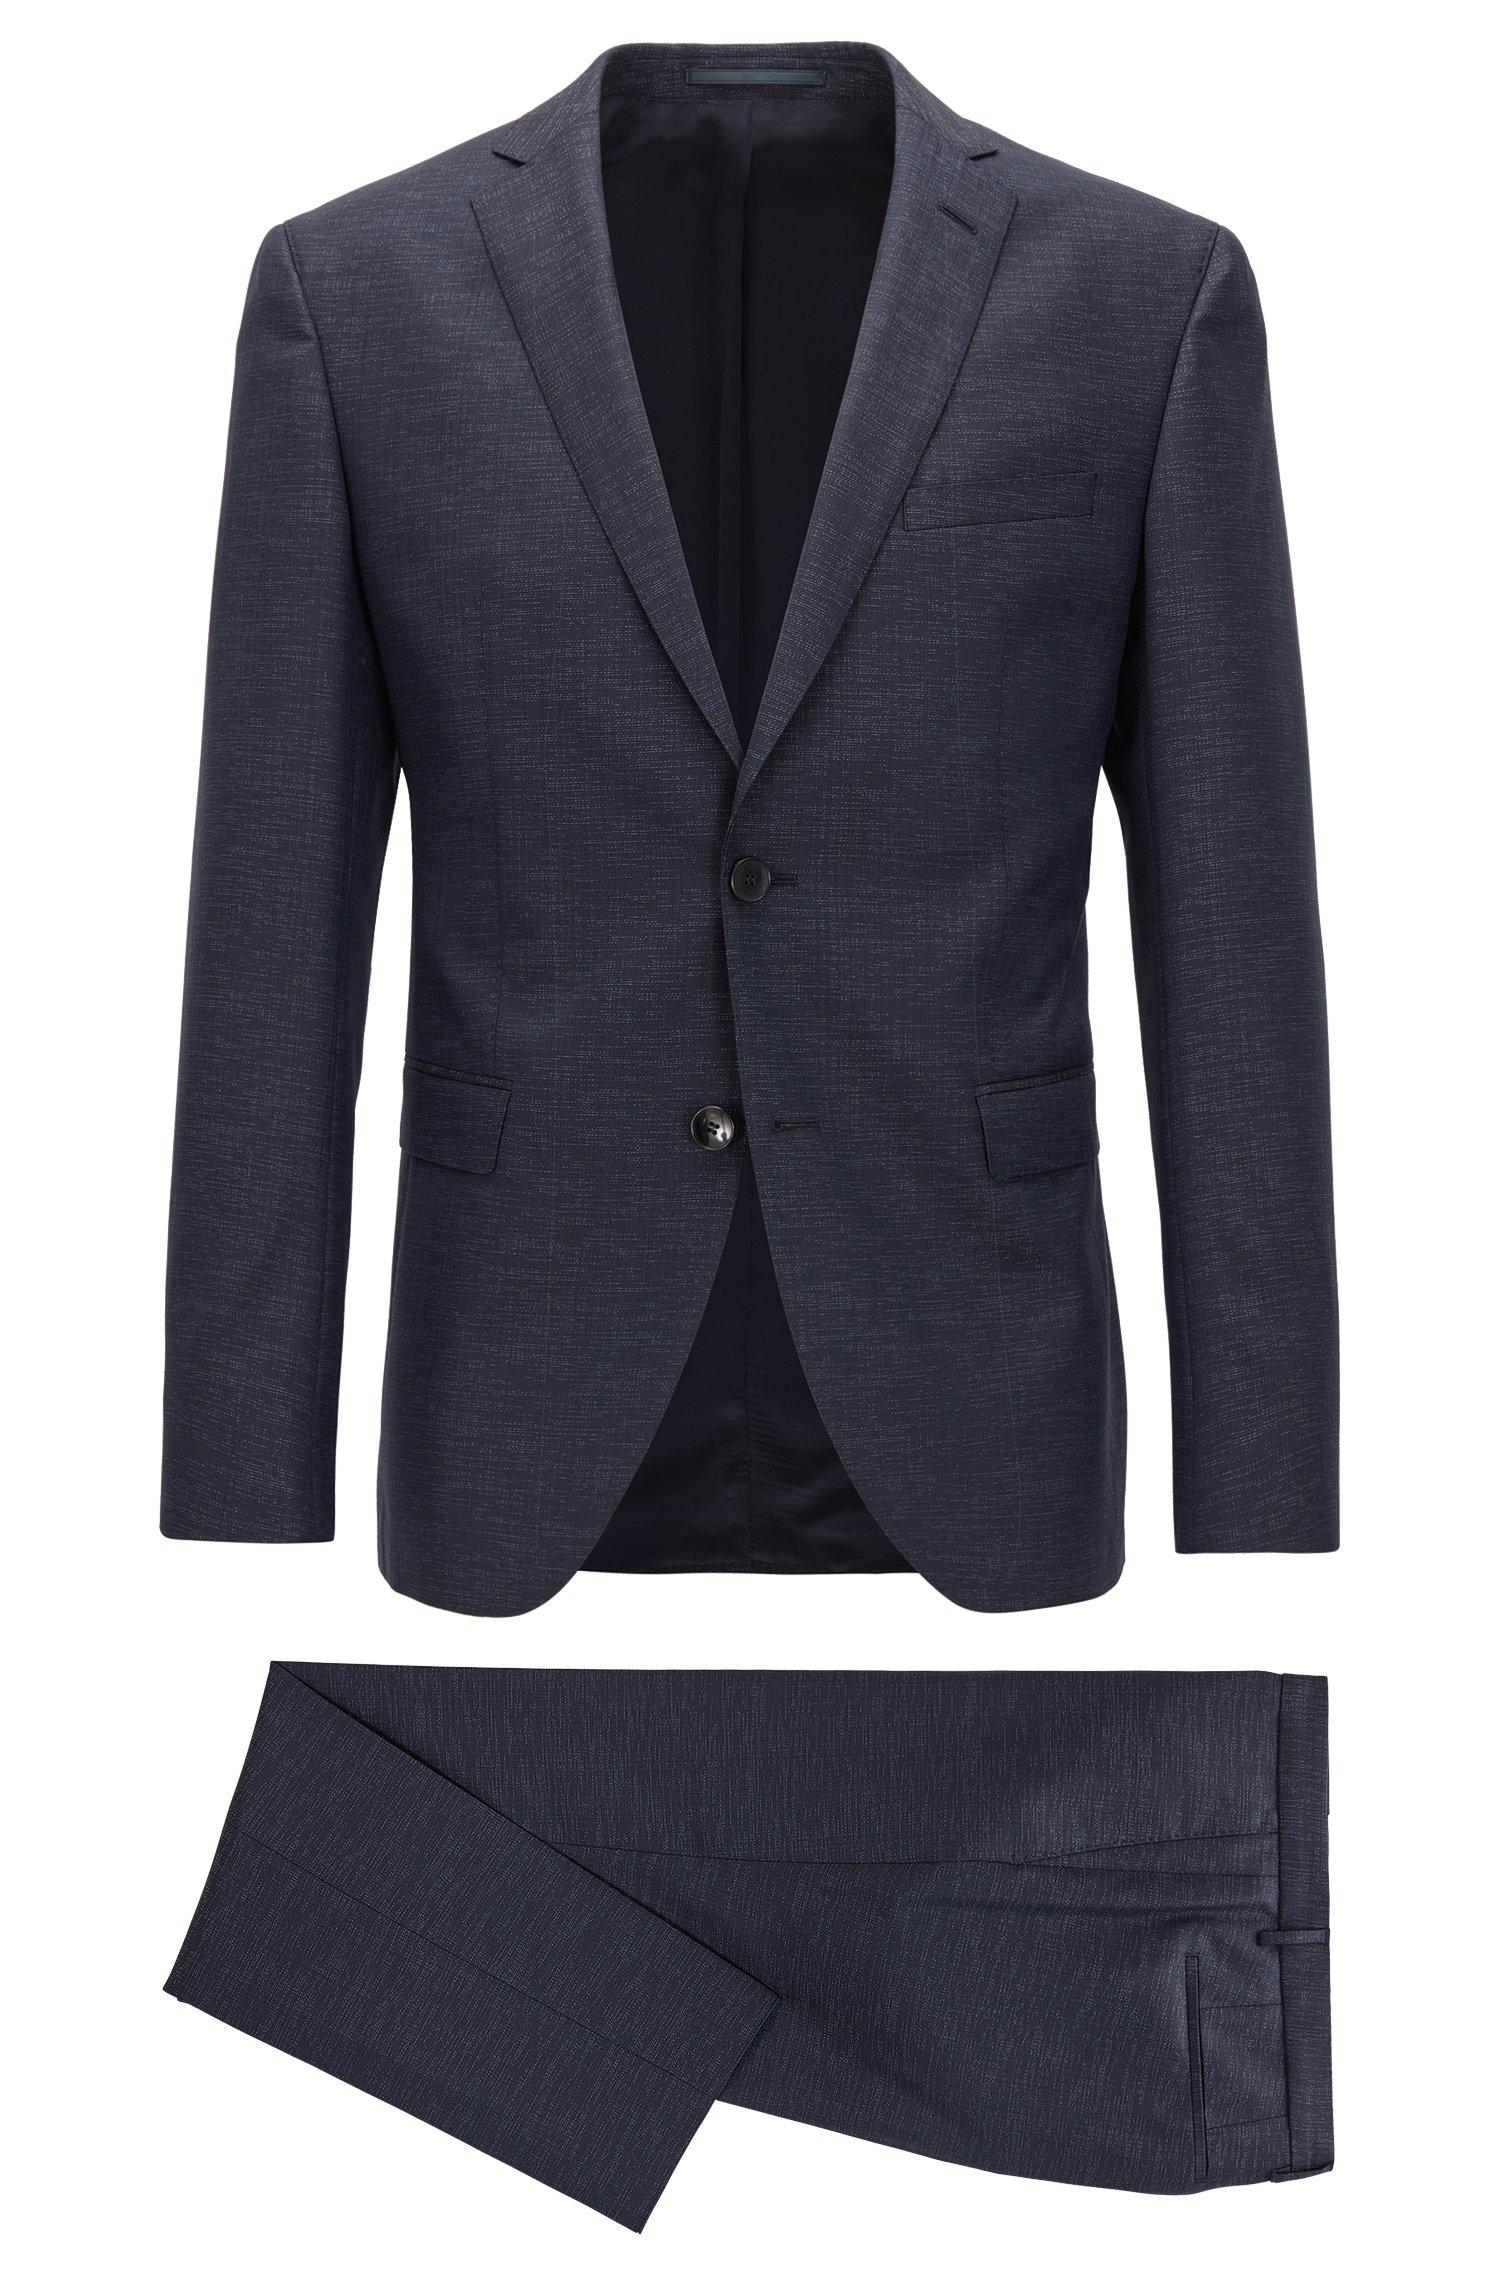 40% Off Men's suits